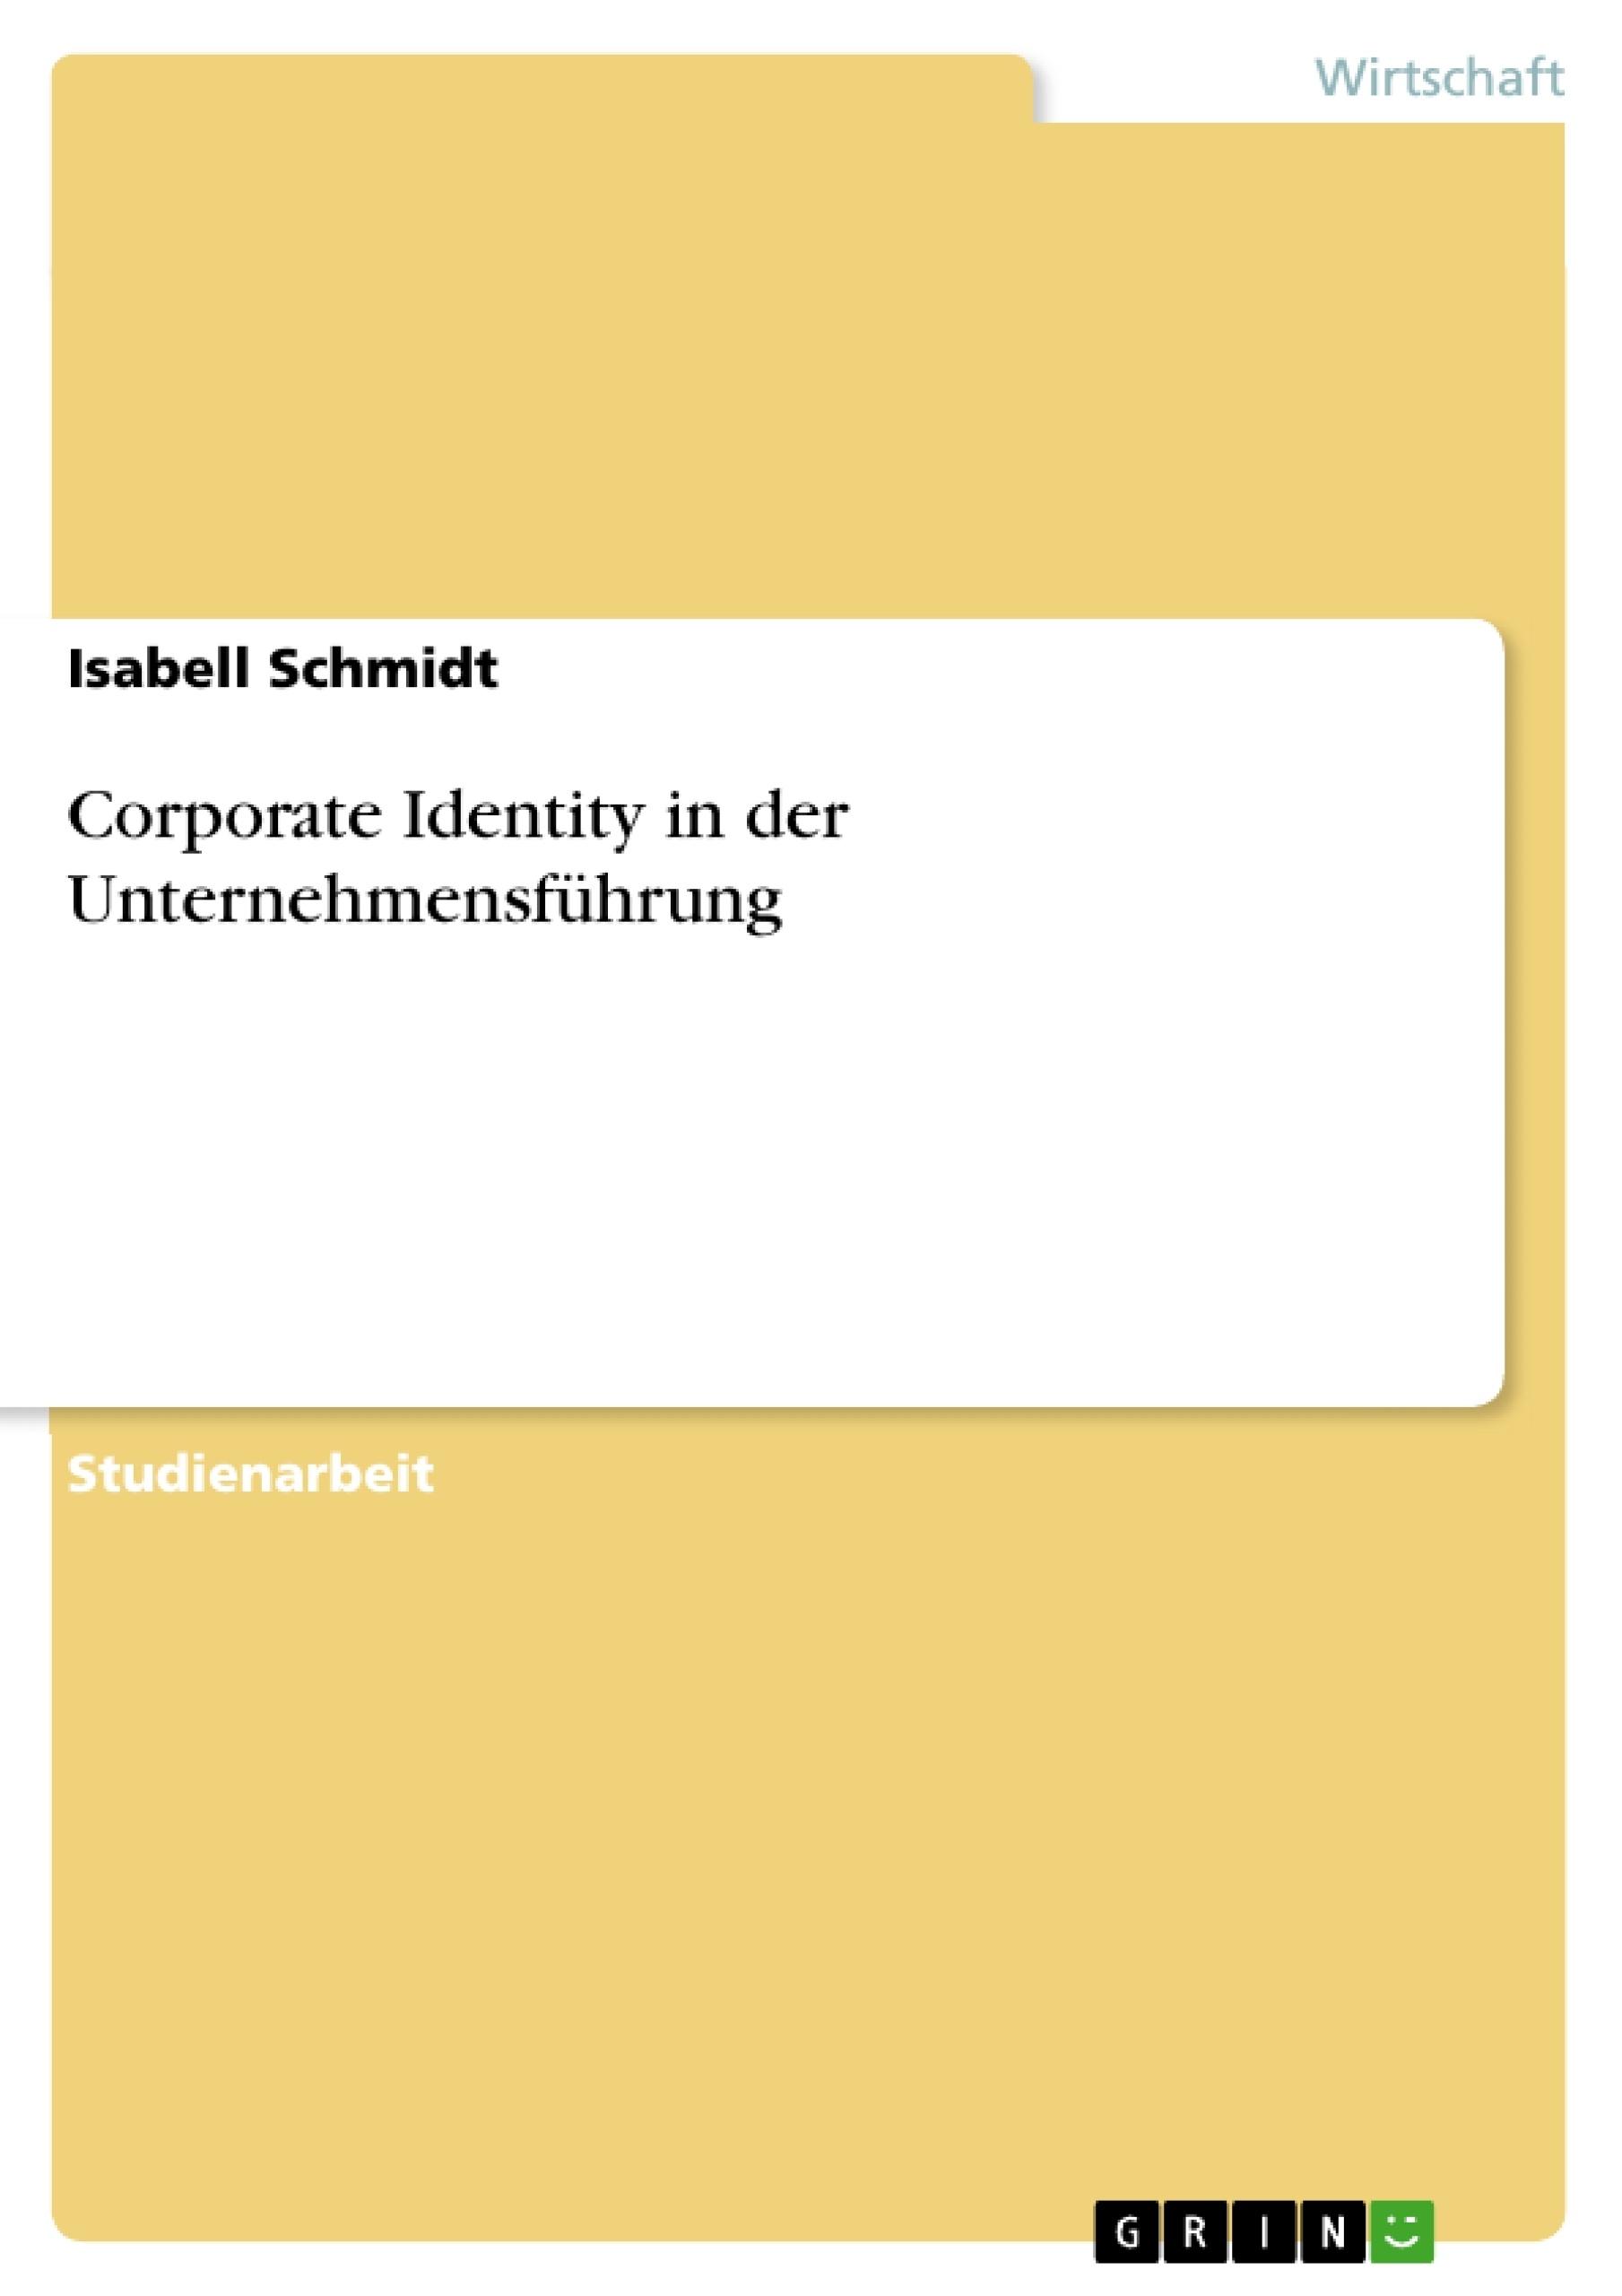 Titel: Corporate Identity in der Unternehmensführung